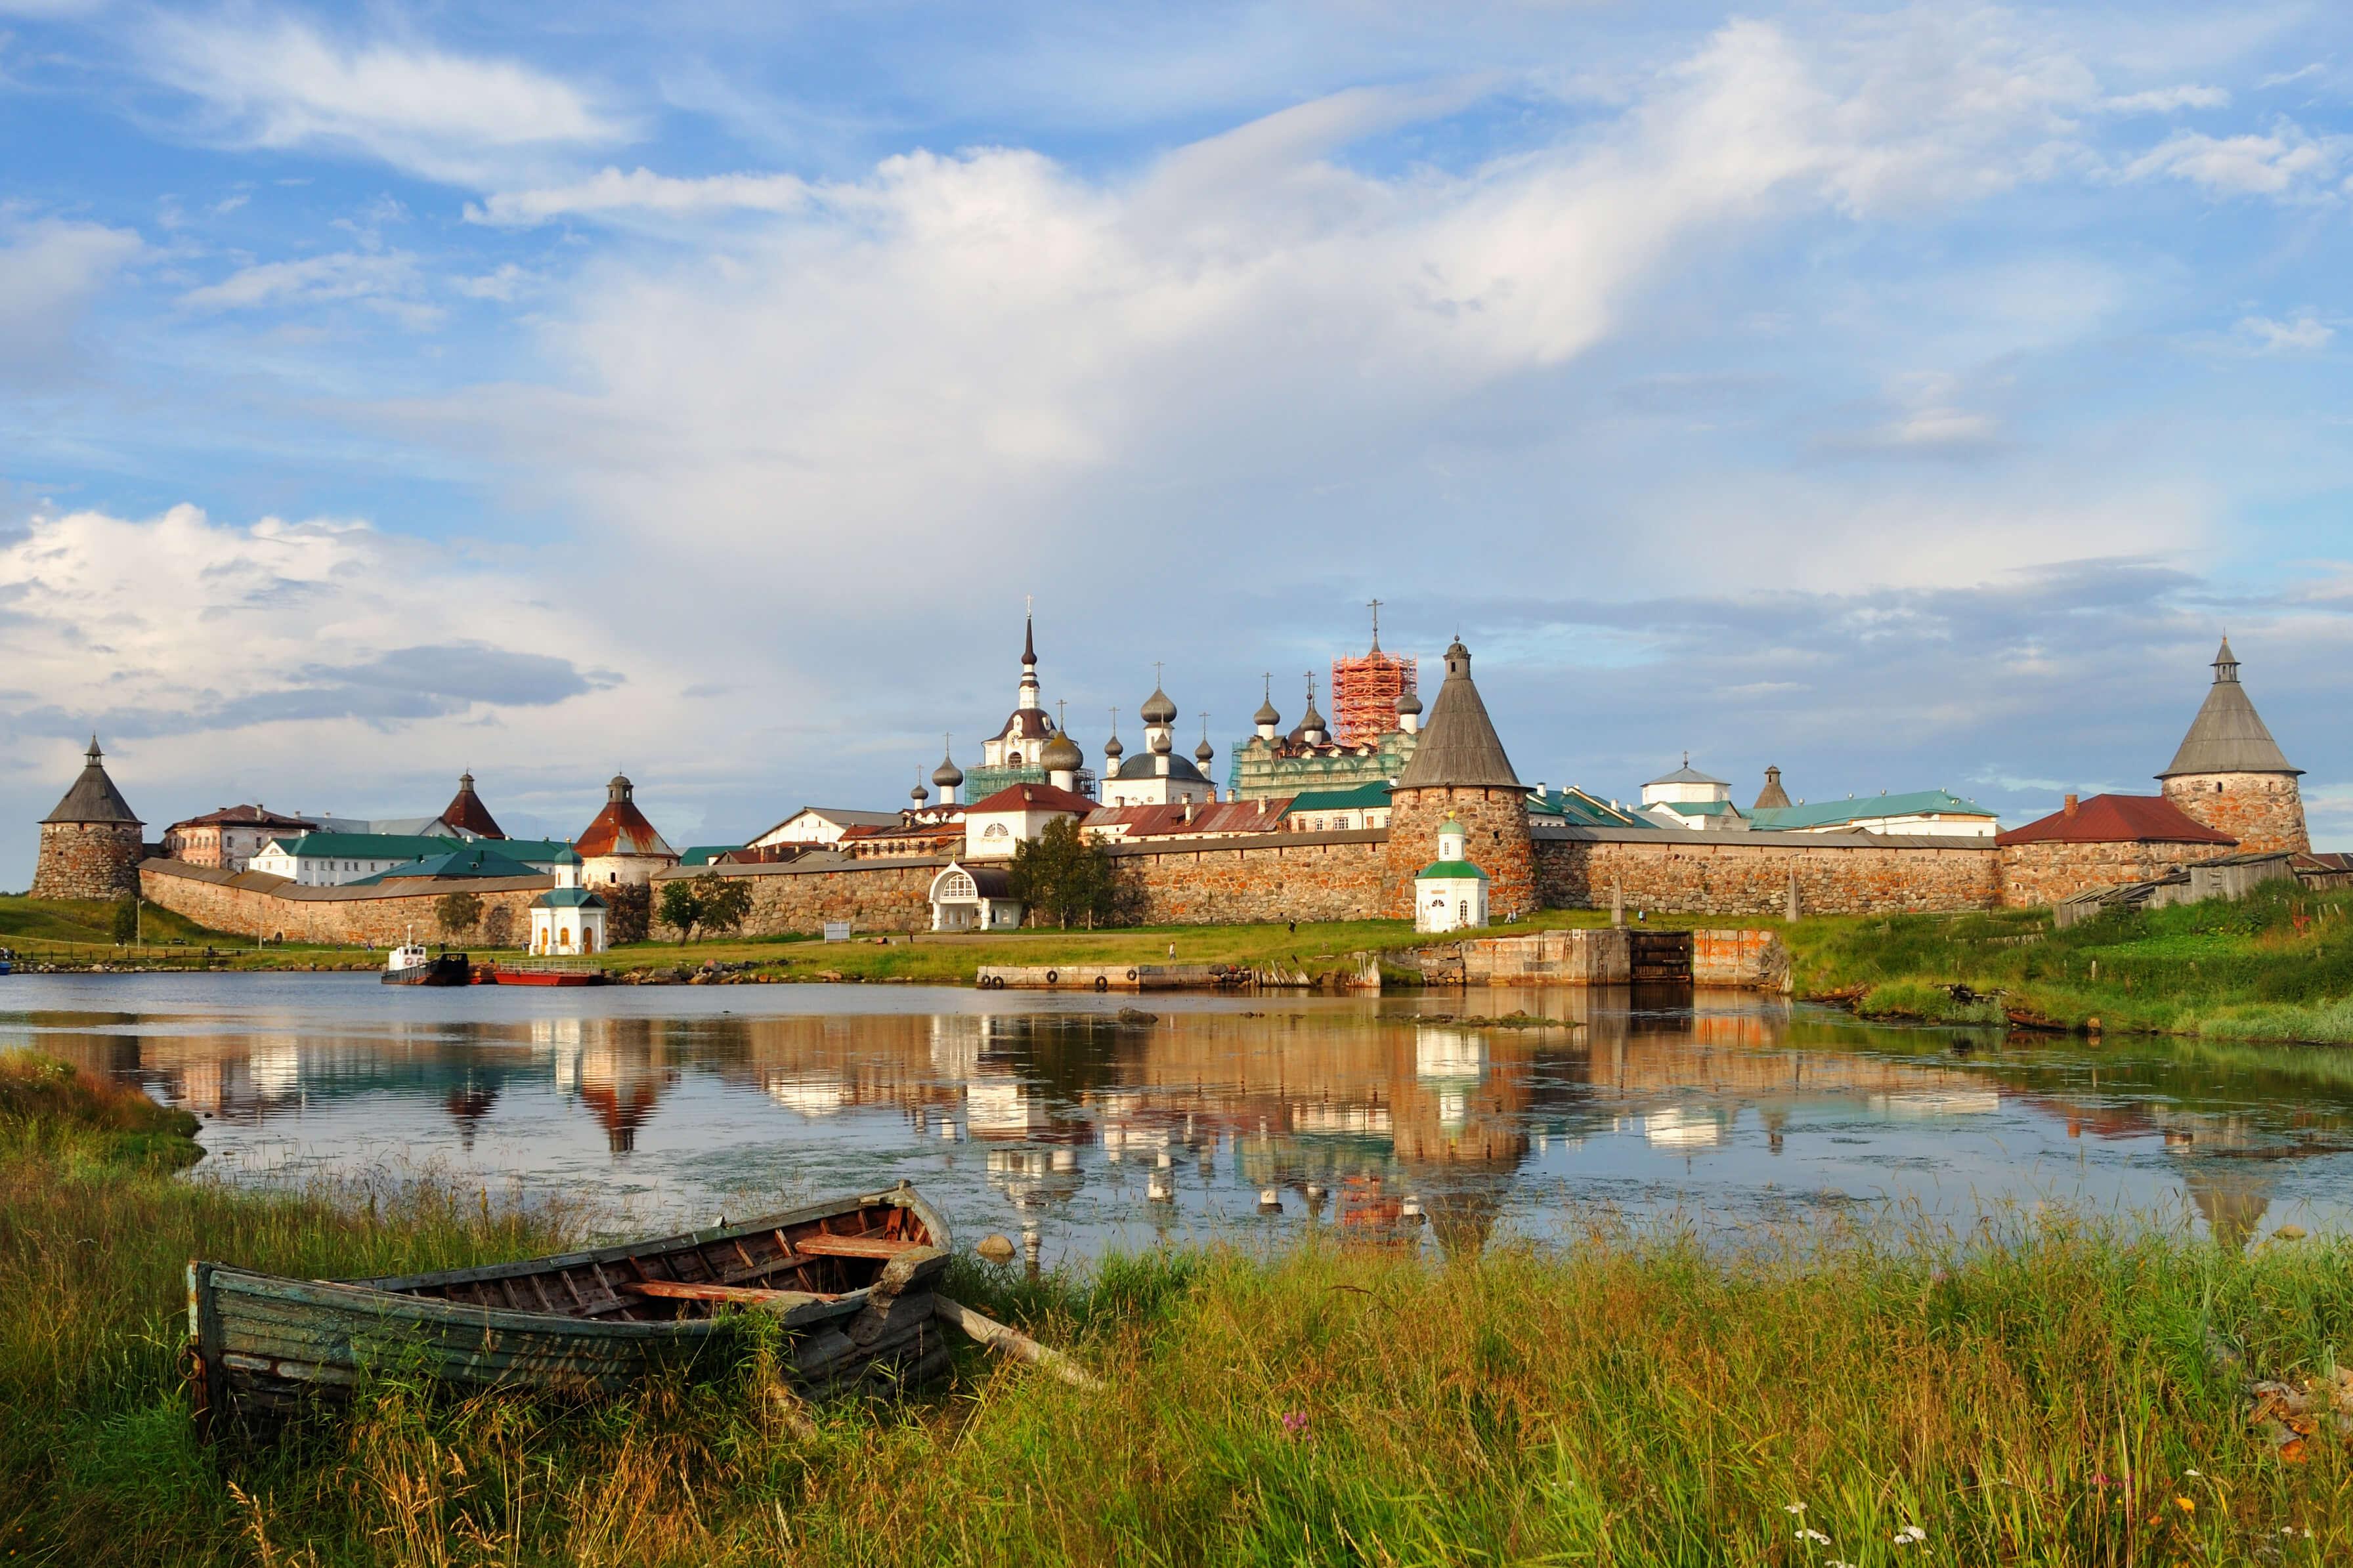 Отдых в России: Соловецкий архипелаг — древняя цивилизация у полярного круга